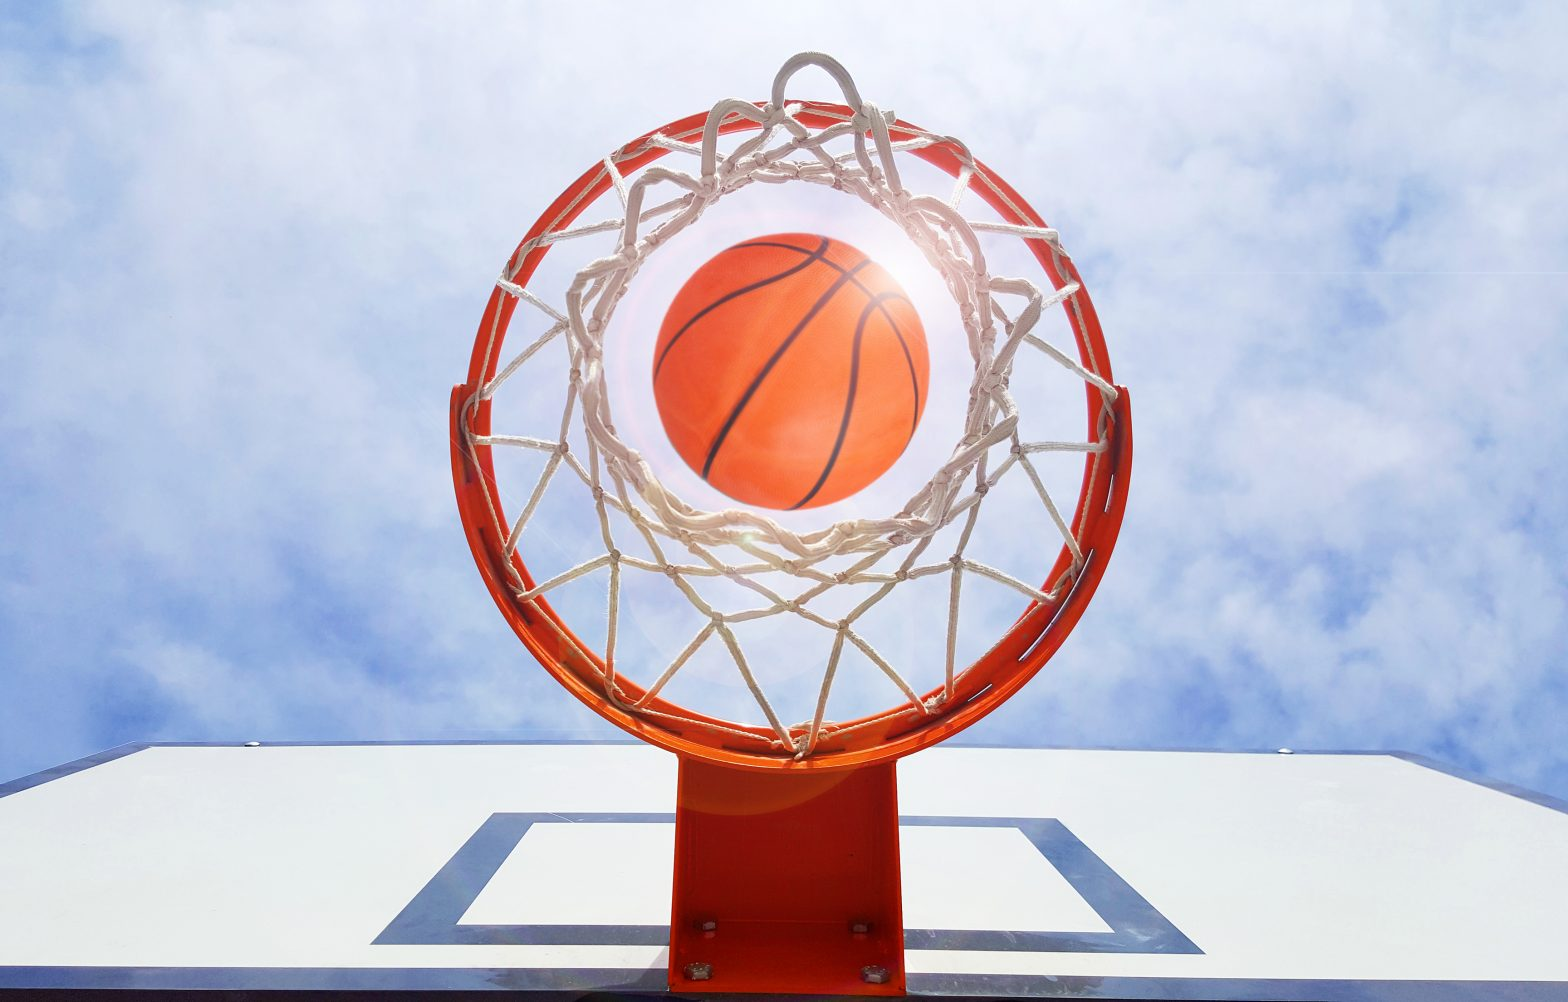 Lėšų poreikis sporto bazių atnaujinimui daugiau nei 11 kartų viršijo numatytą finansavimą